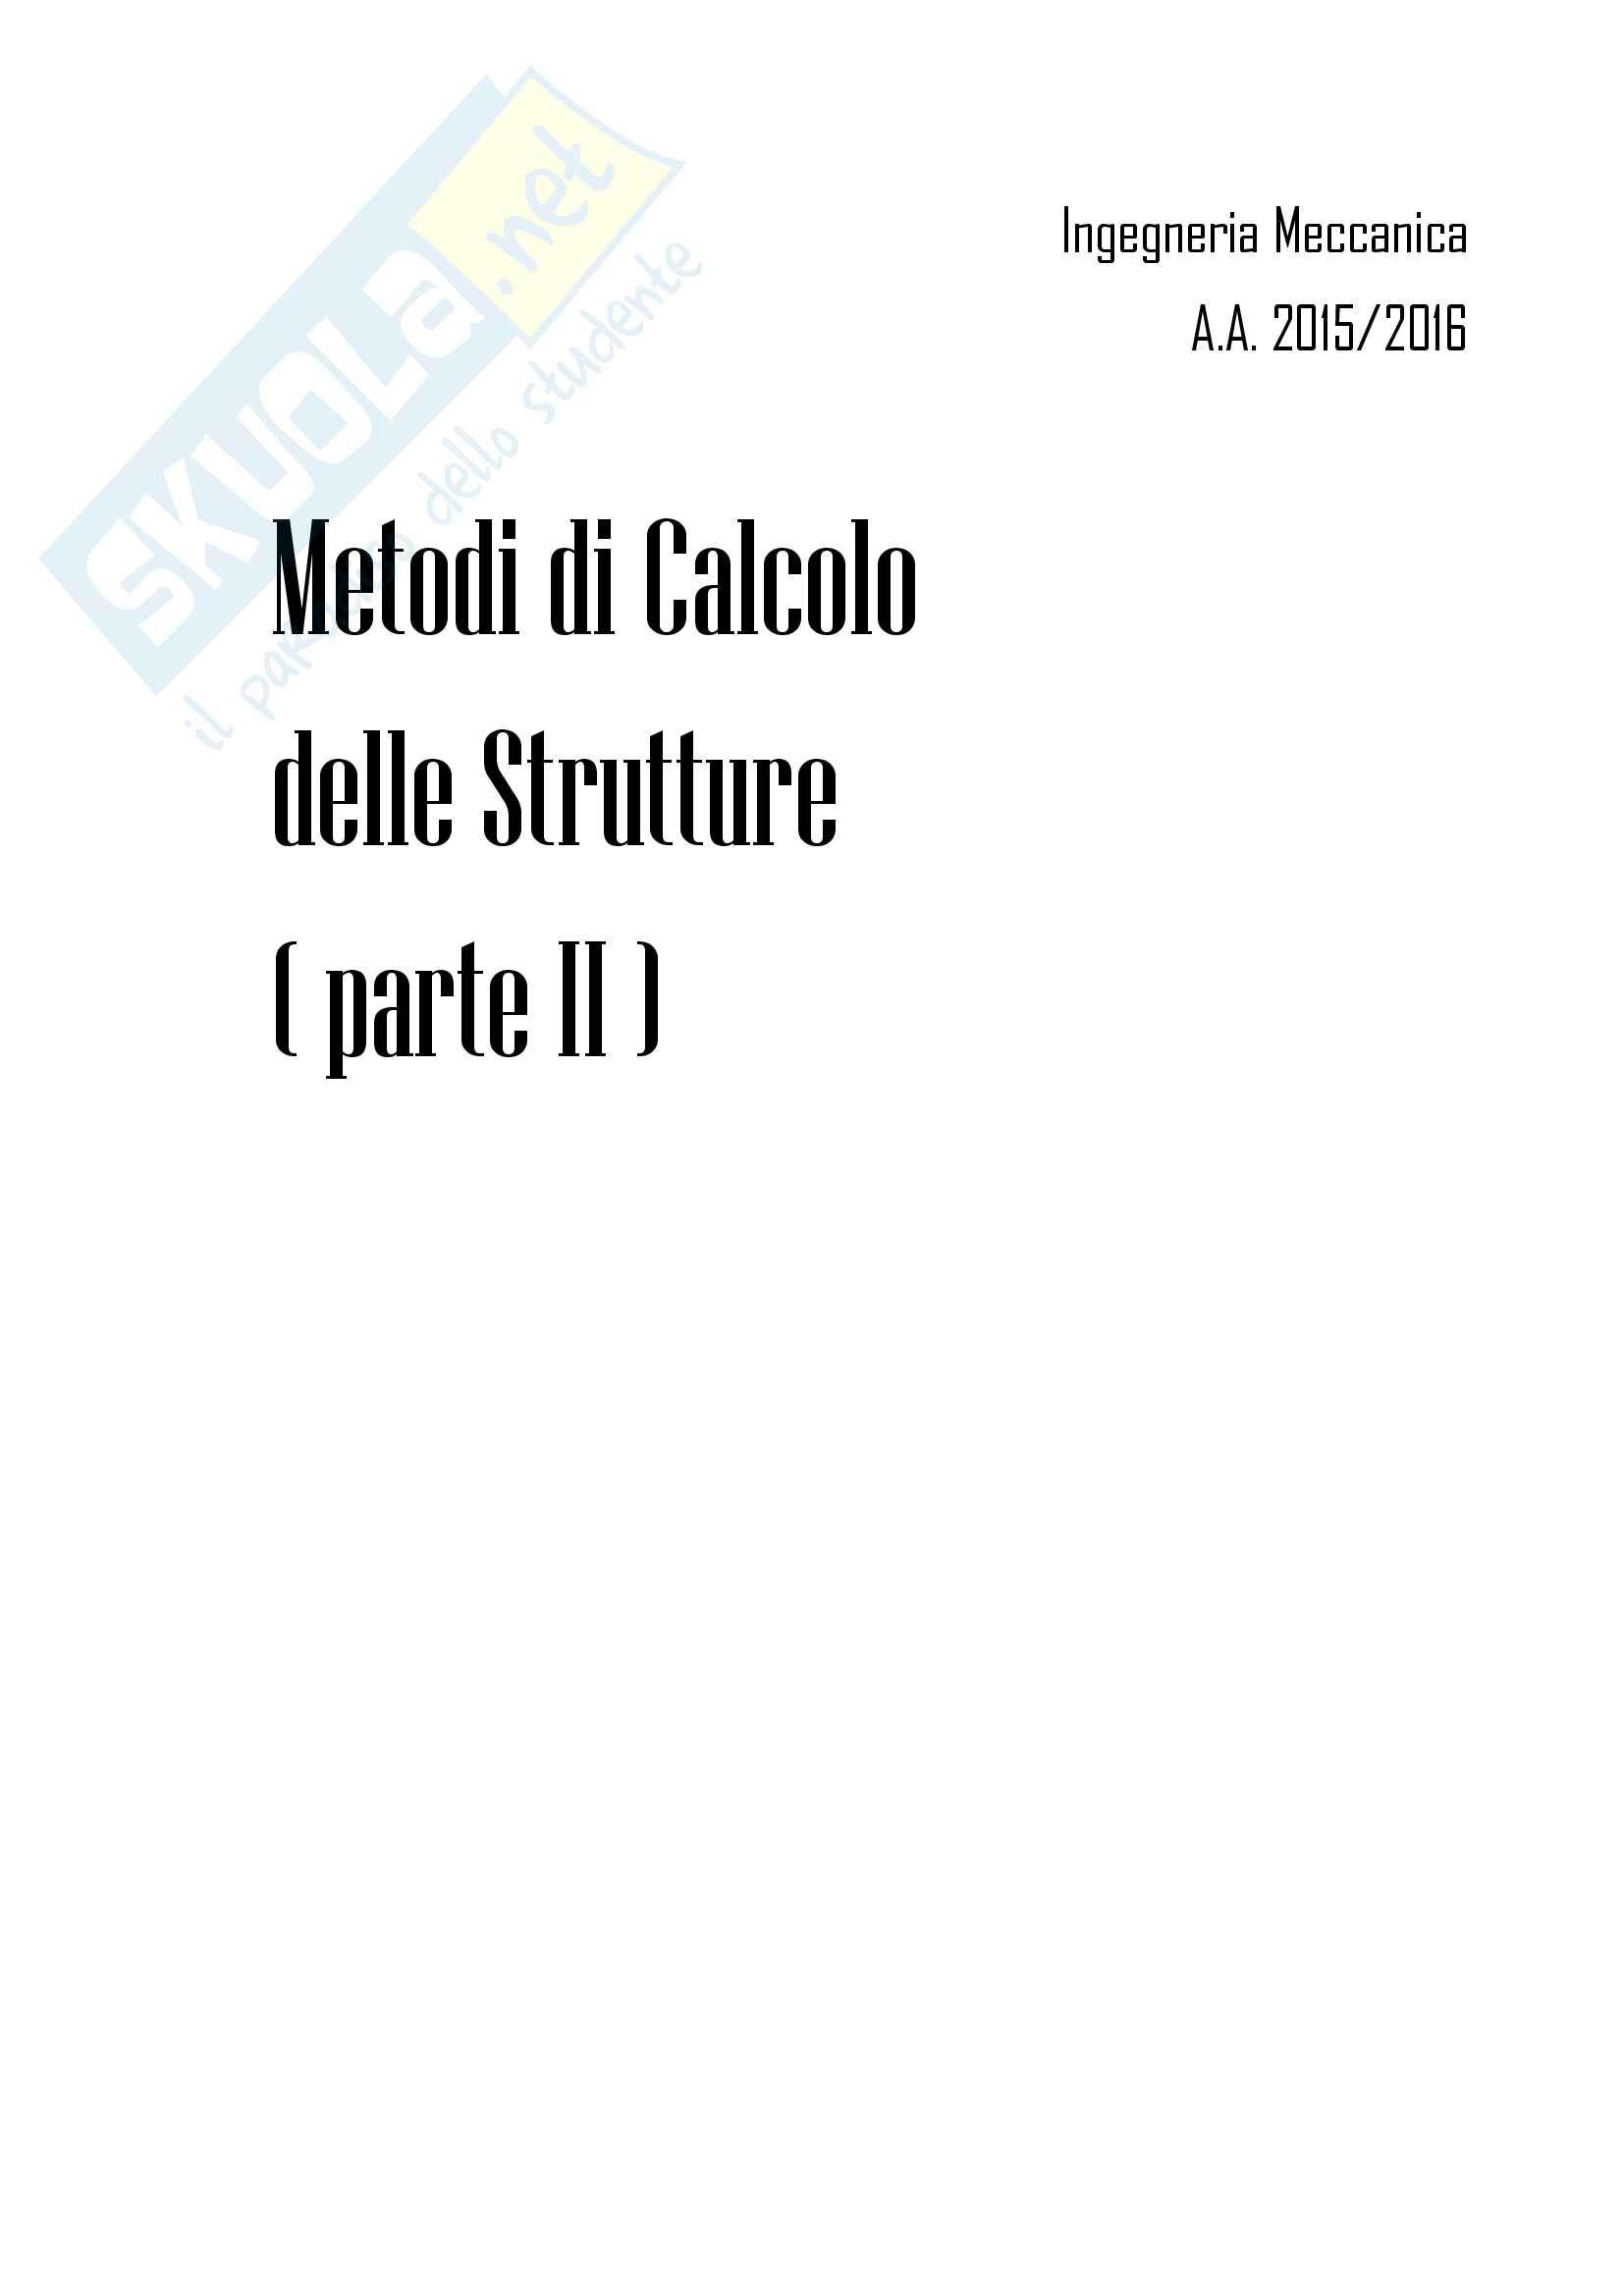 Metodi di Calcolo delle Strutture - Parte 2